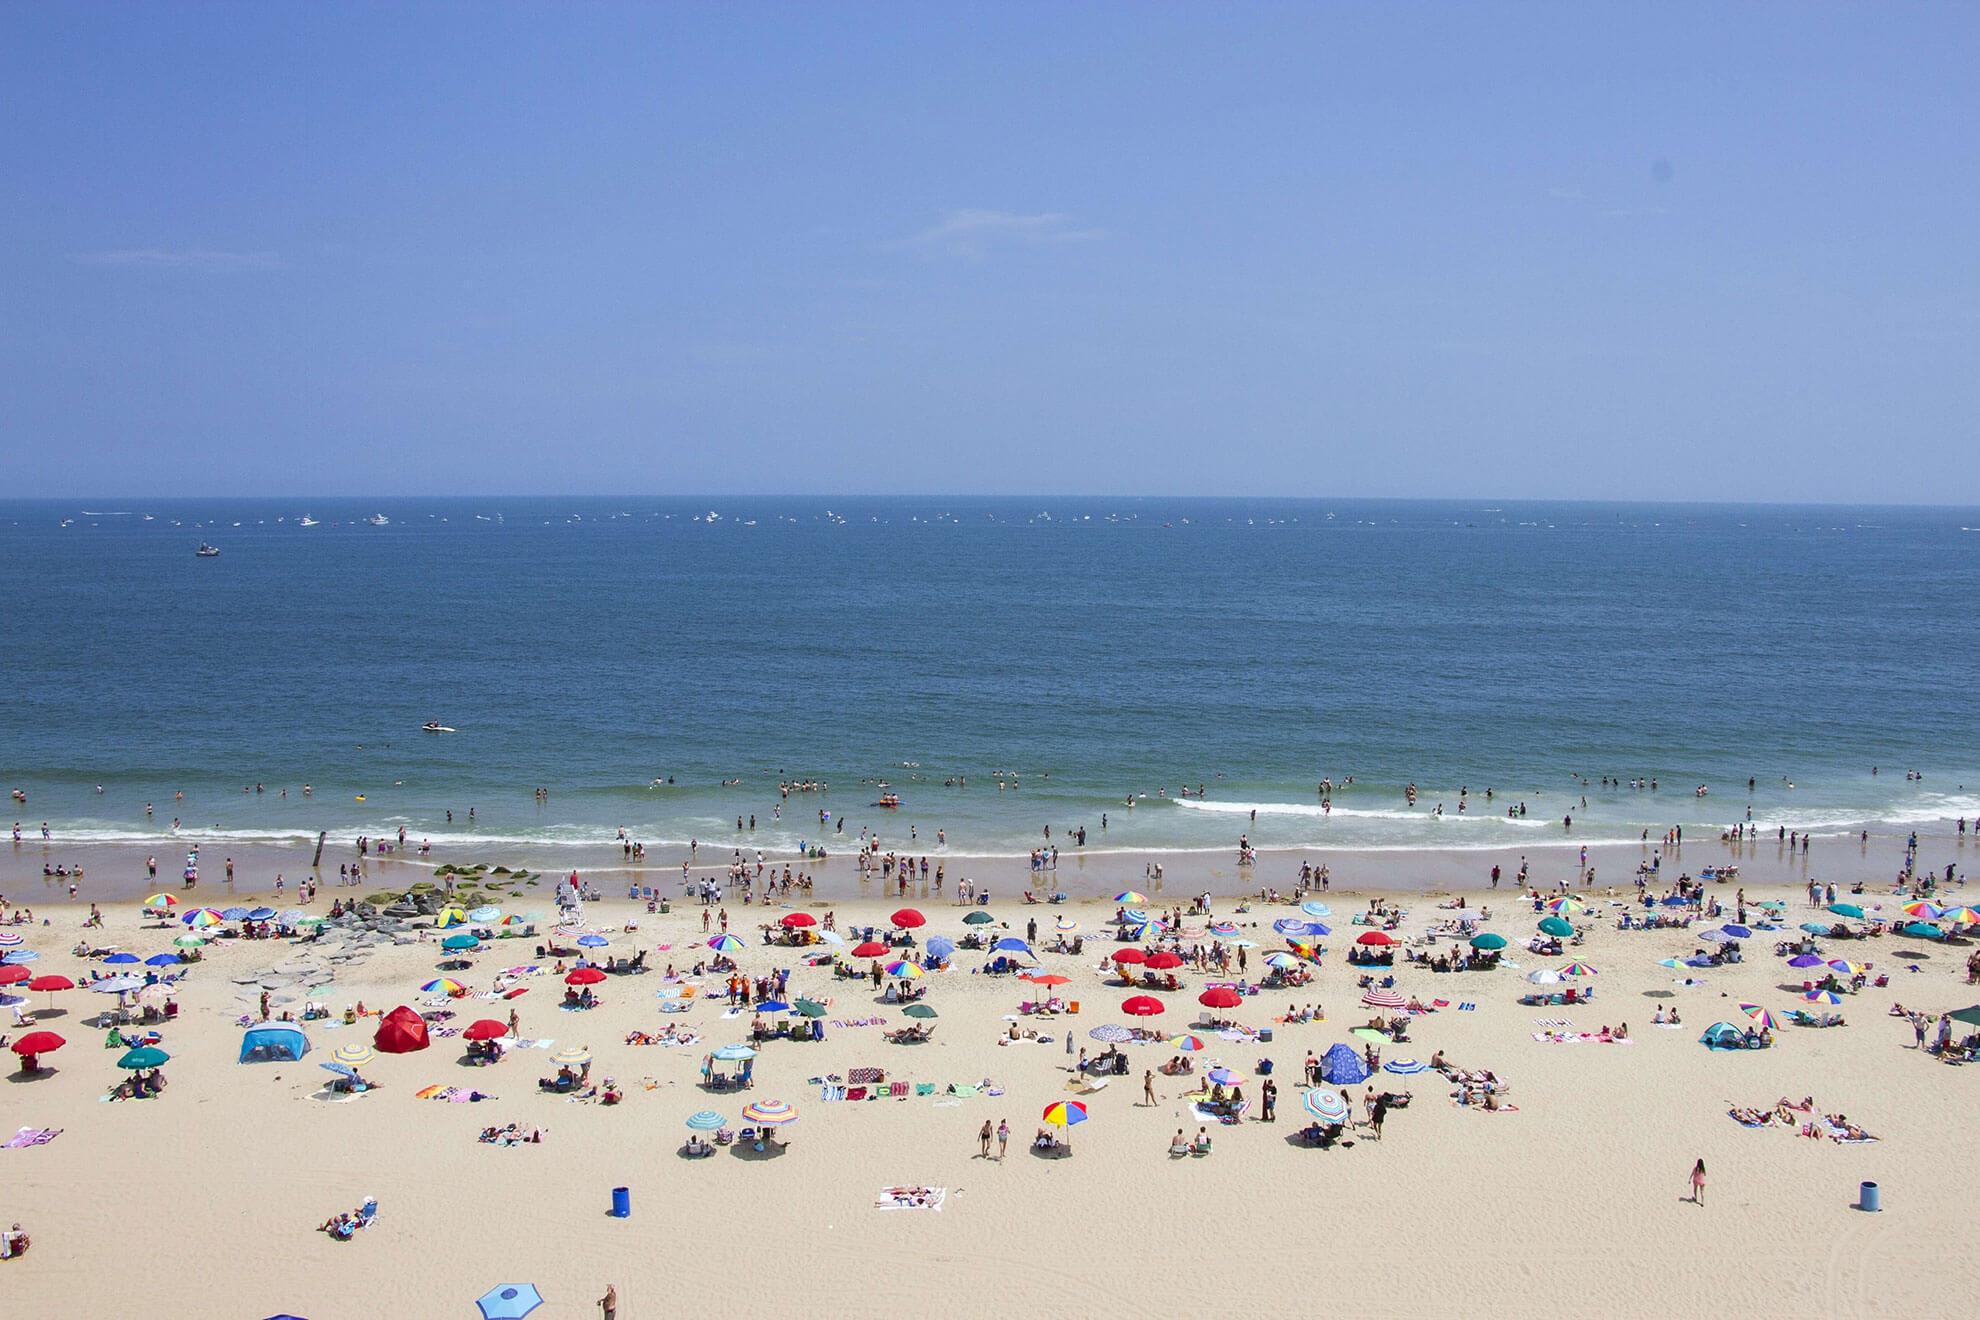 beach-people-ocean